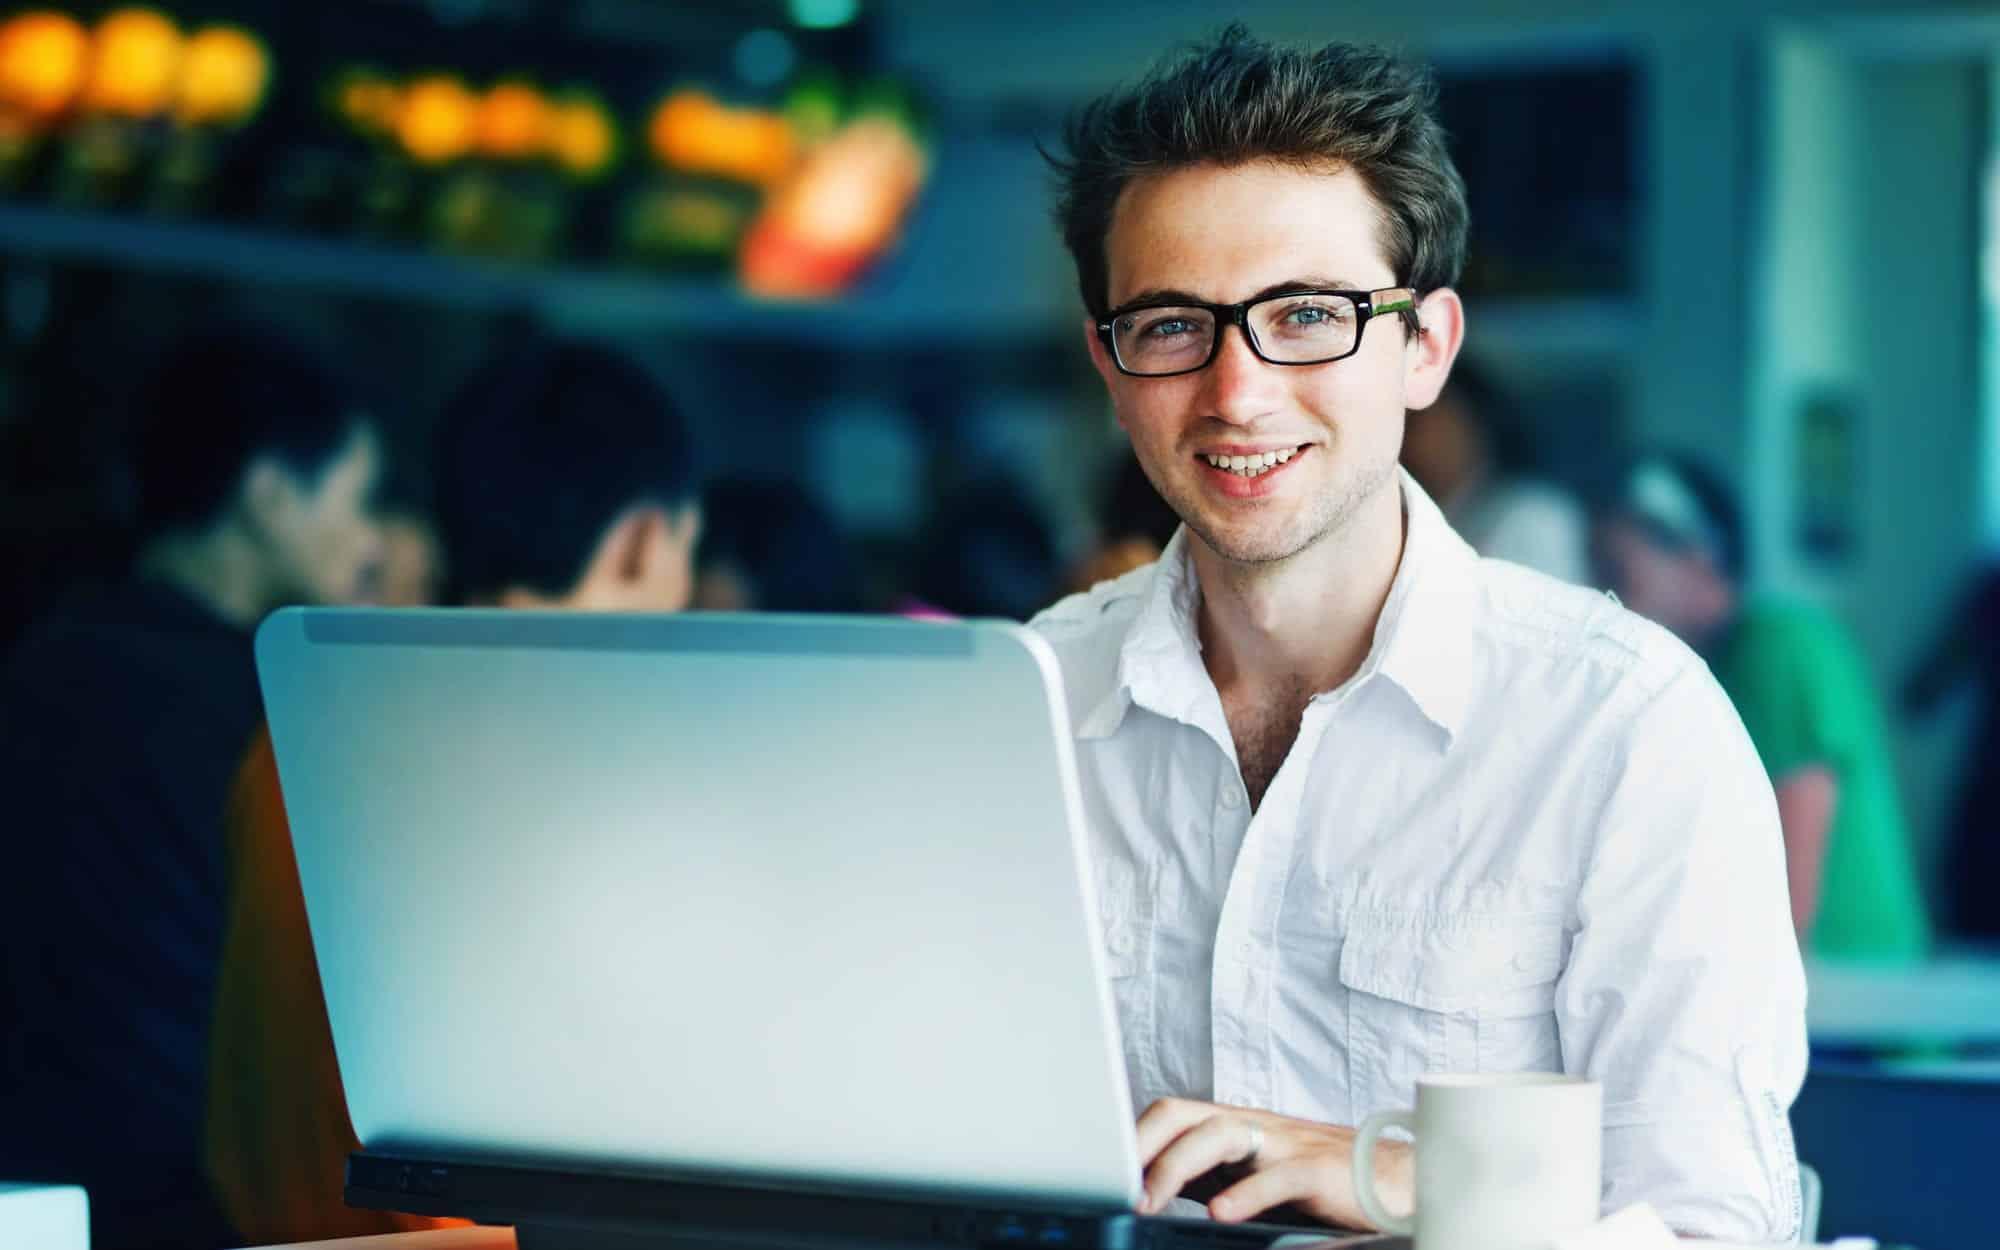 Программист фрилансер это удаленная работа вакансии с ежедневной оплатой